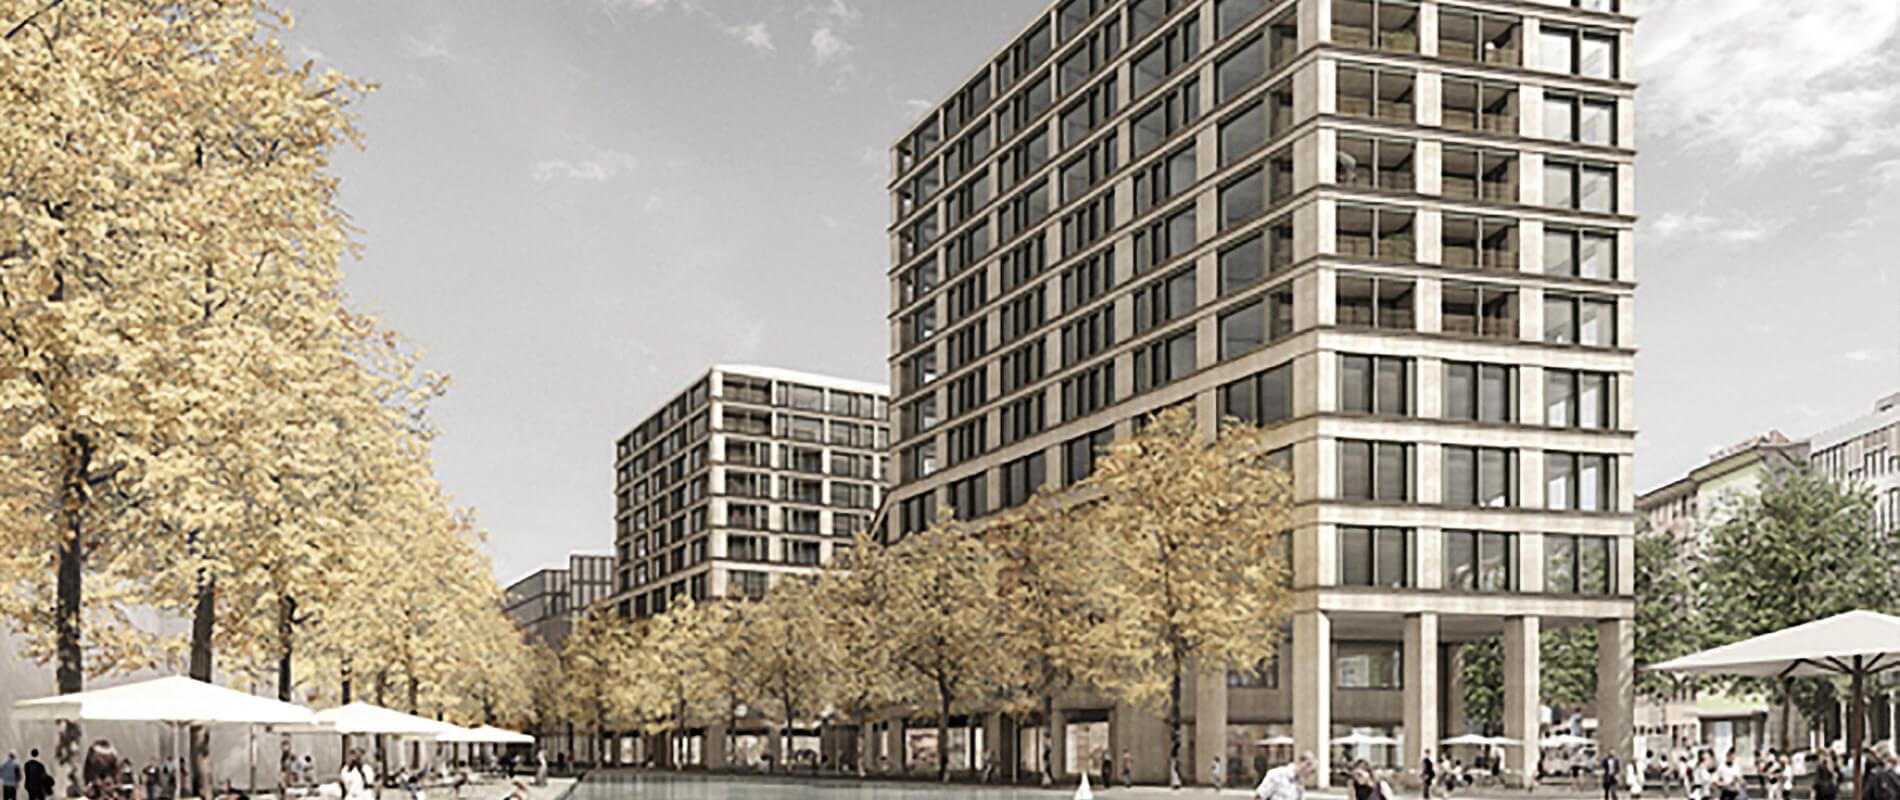 Europaallee Baufeld E |Stadtwohnungen und Geschäftsfläche |Referenz |Ettinger Partner